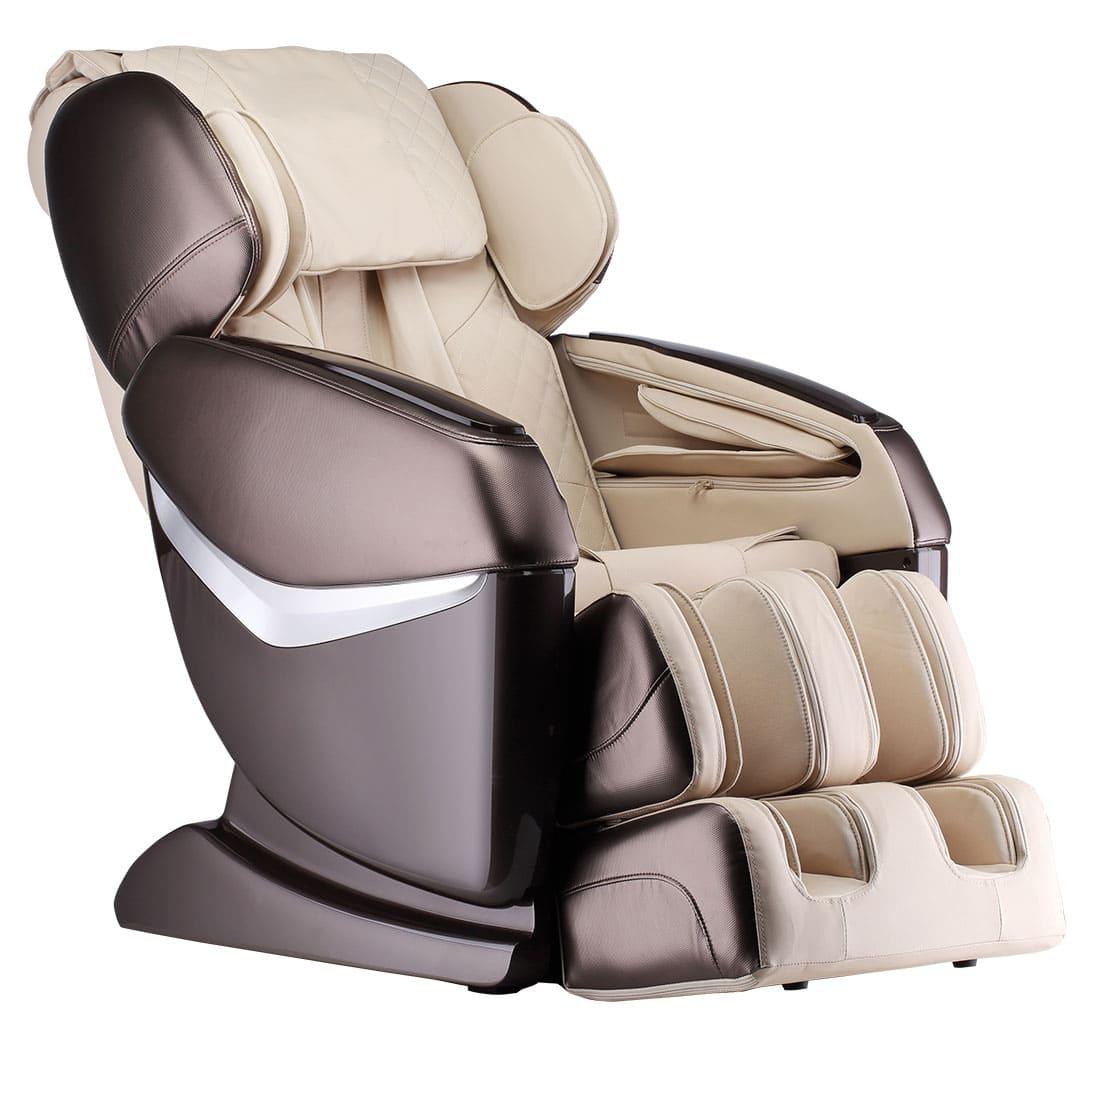 Массажное кресло GESS Desire бежевое-коричневое GESS-825 kombo фото